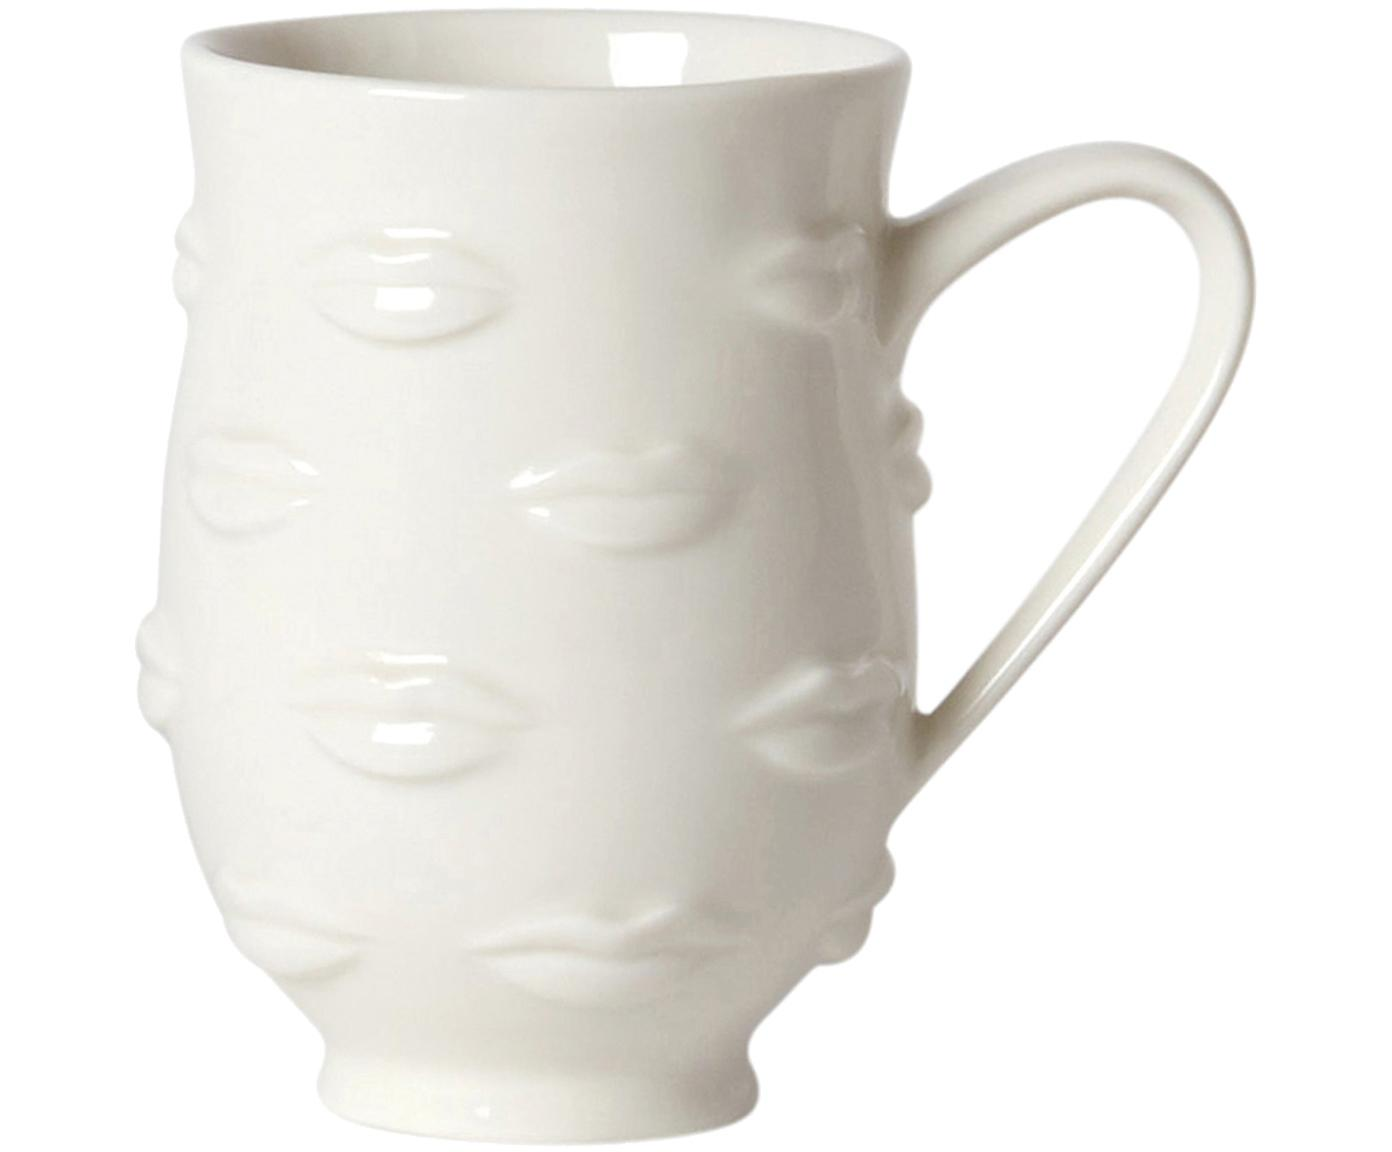 Designer Tasse Gala, Porzellan, Weiß, Ø 9 x H 13 cm